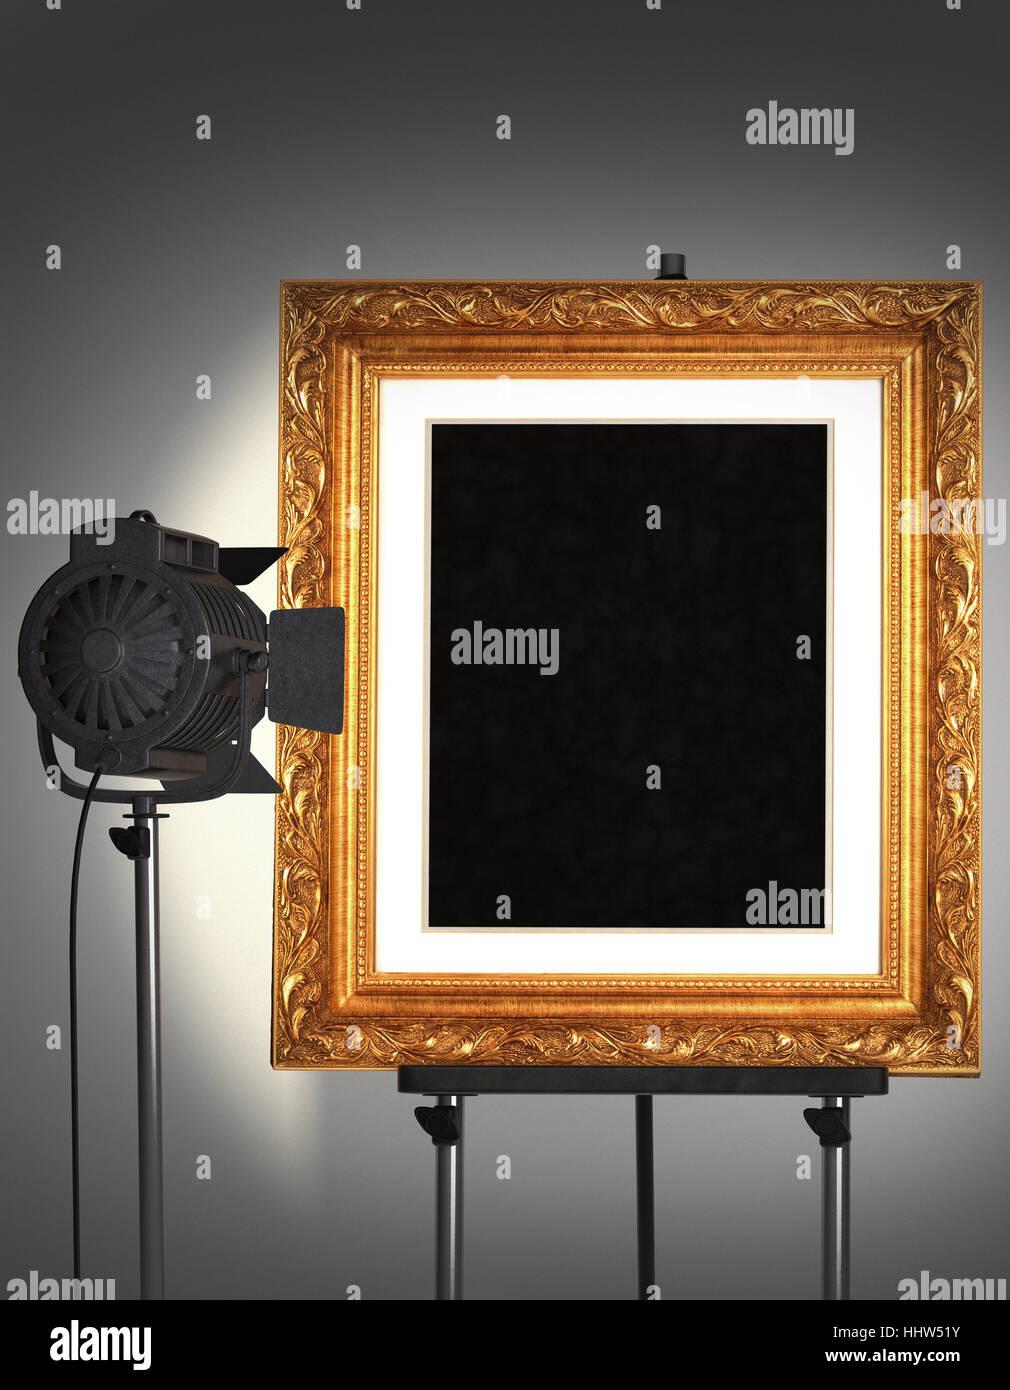 art, museum, empty, easel, gallery, frame, gold, framework Stock ...